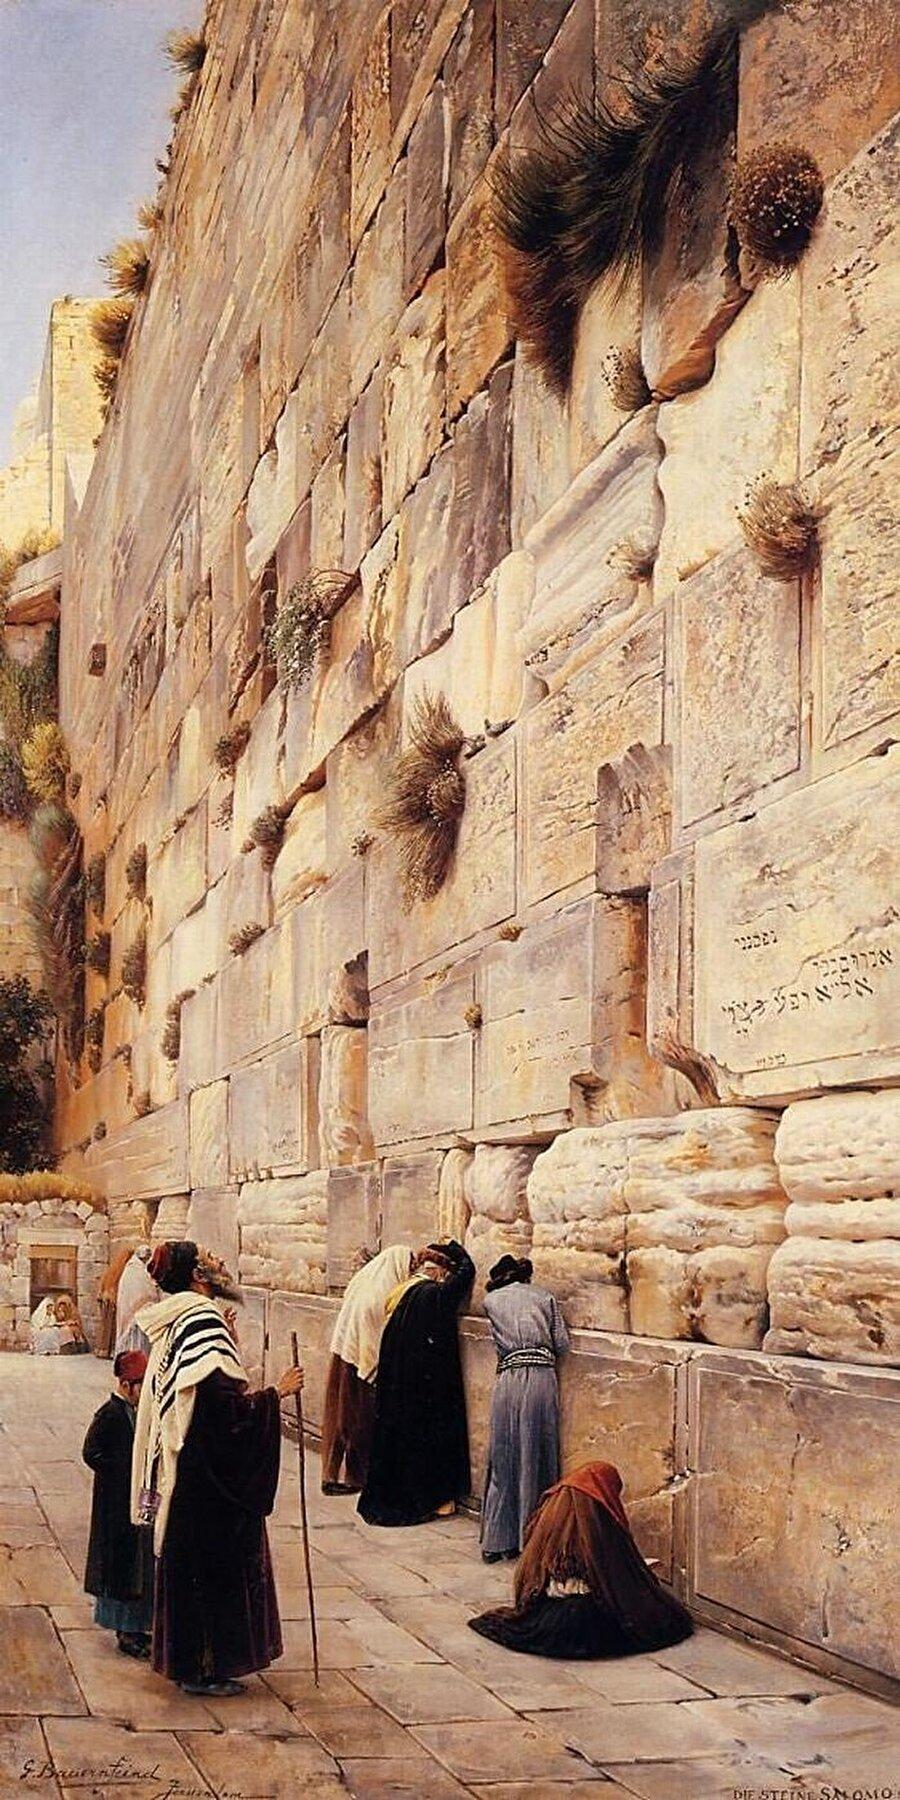 """Kendisi de Yahudi olan Gustav Bauernfeind """"Ağlama Duvarı"""" adlı tablosunda, Ağlama Duvarının karşısında ibadet eden Yahudileri resmetti."""